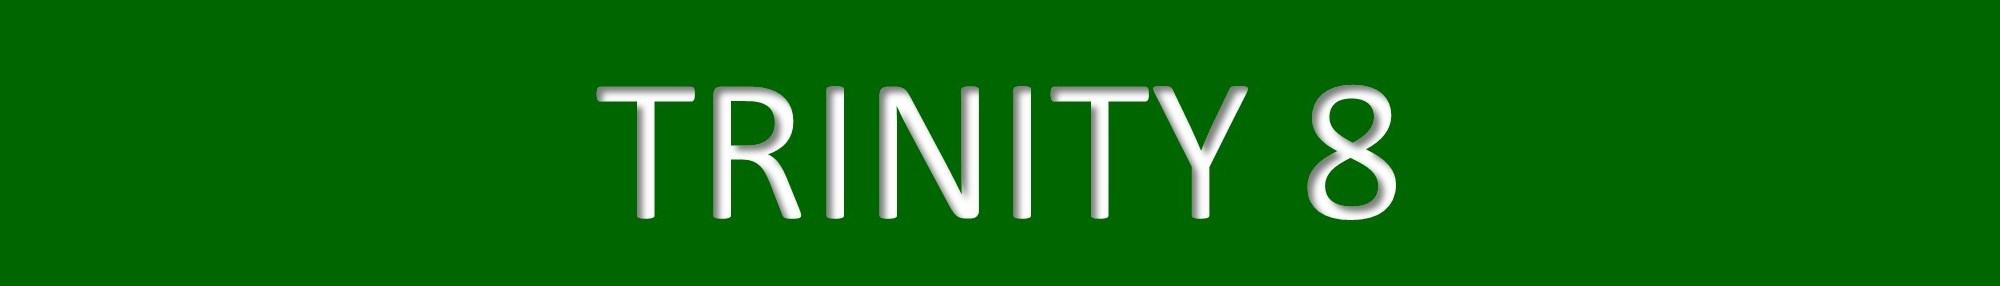 Trinity 8 header